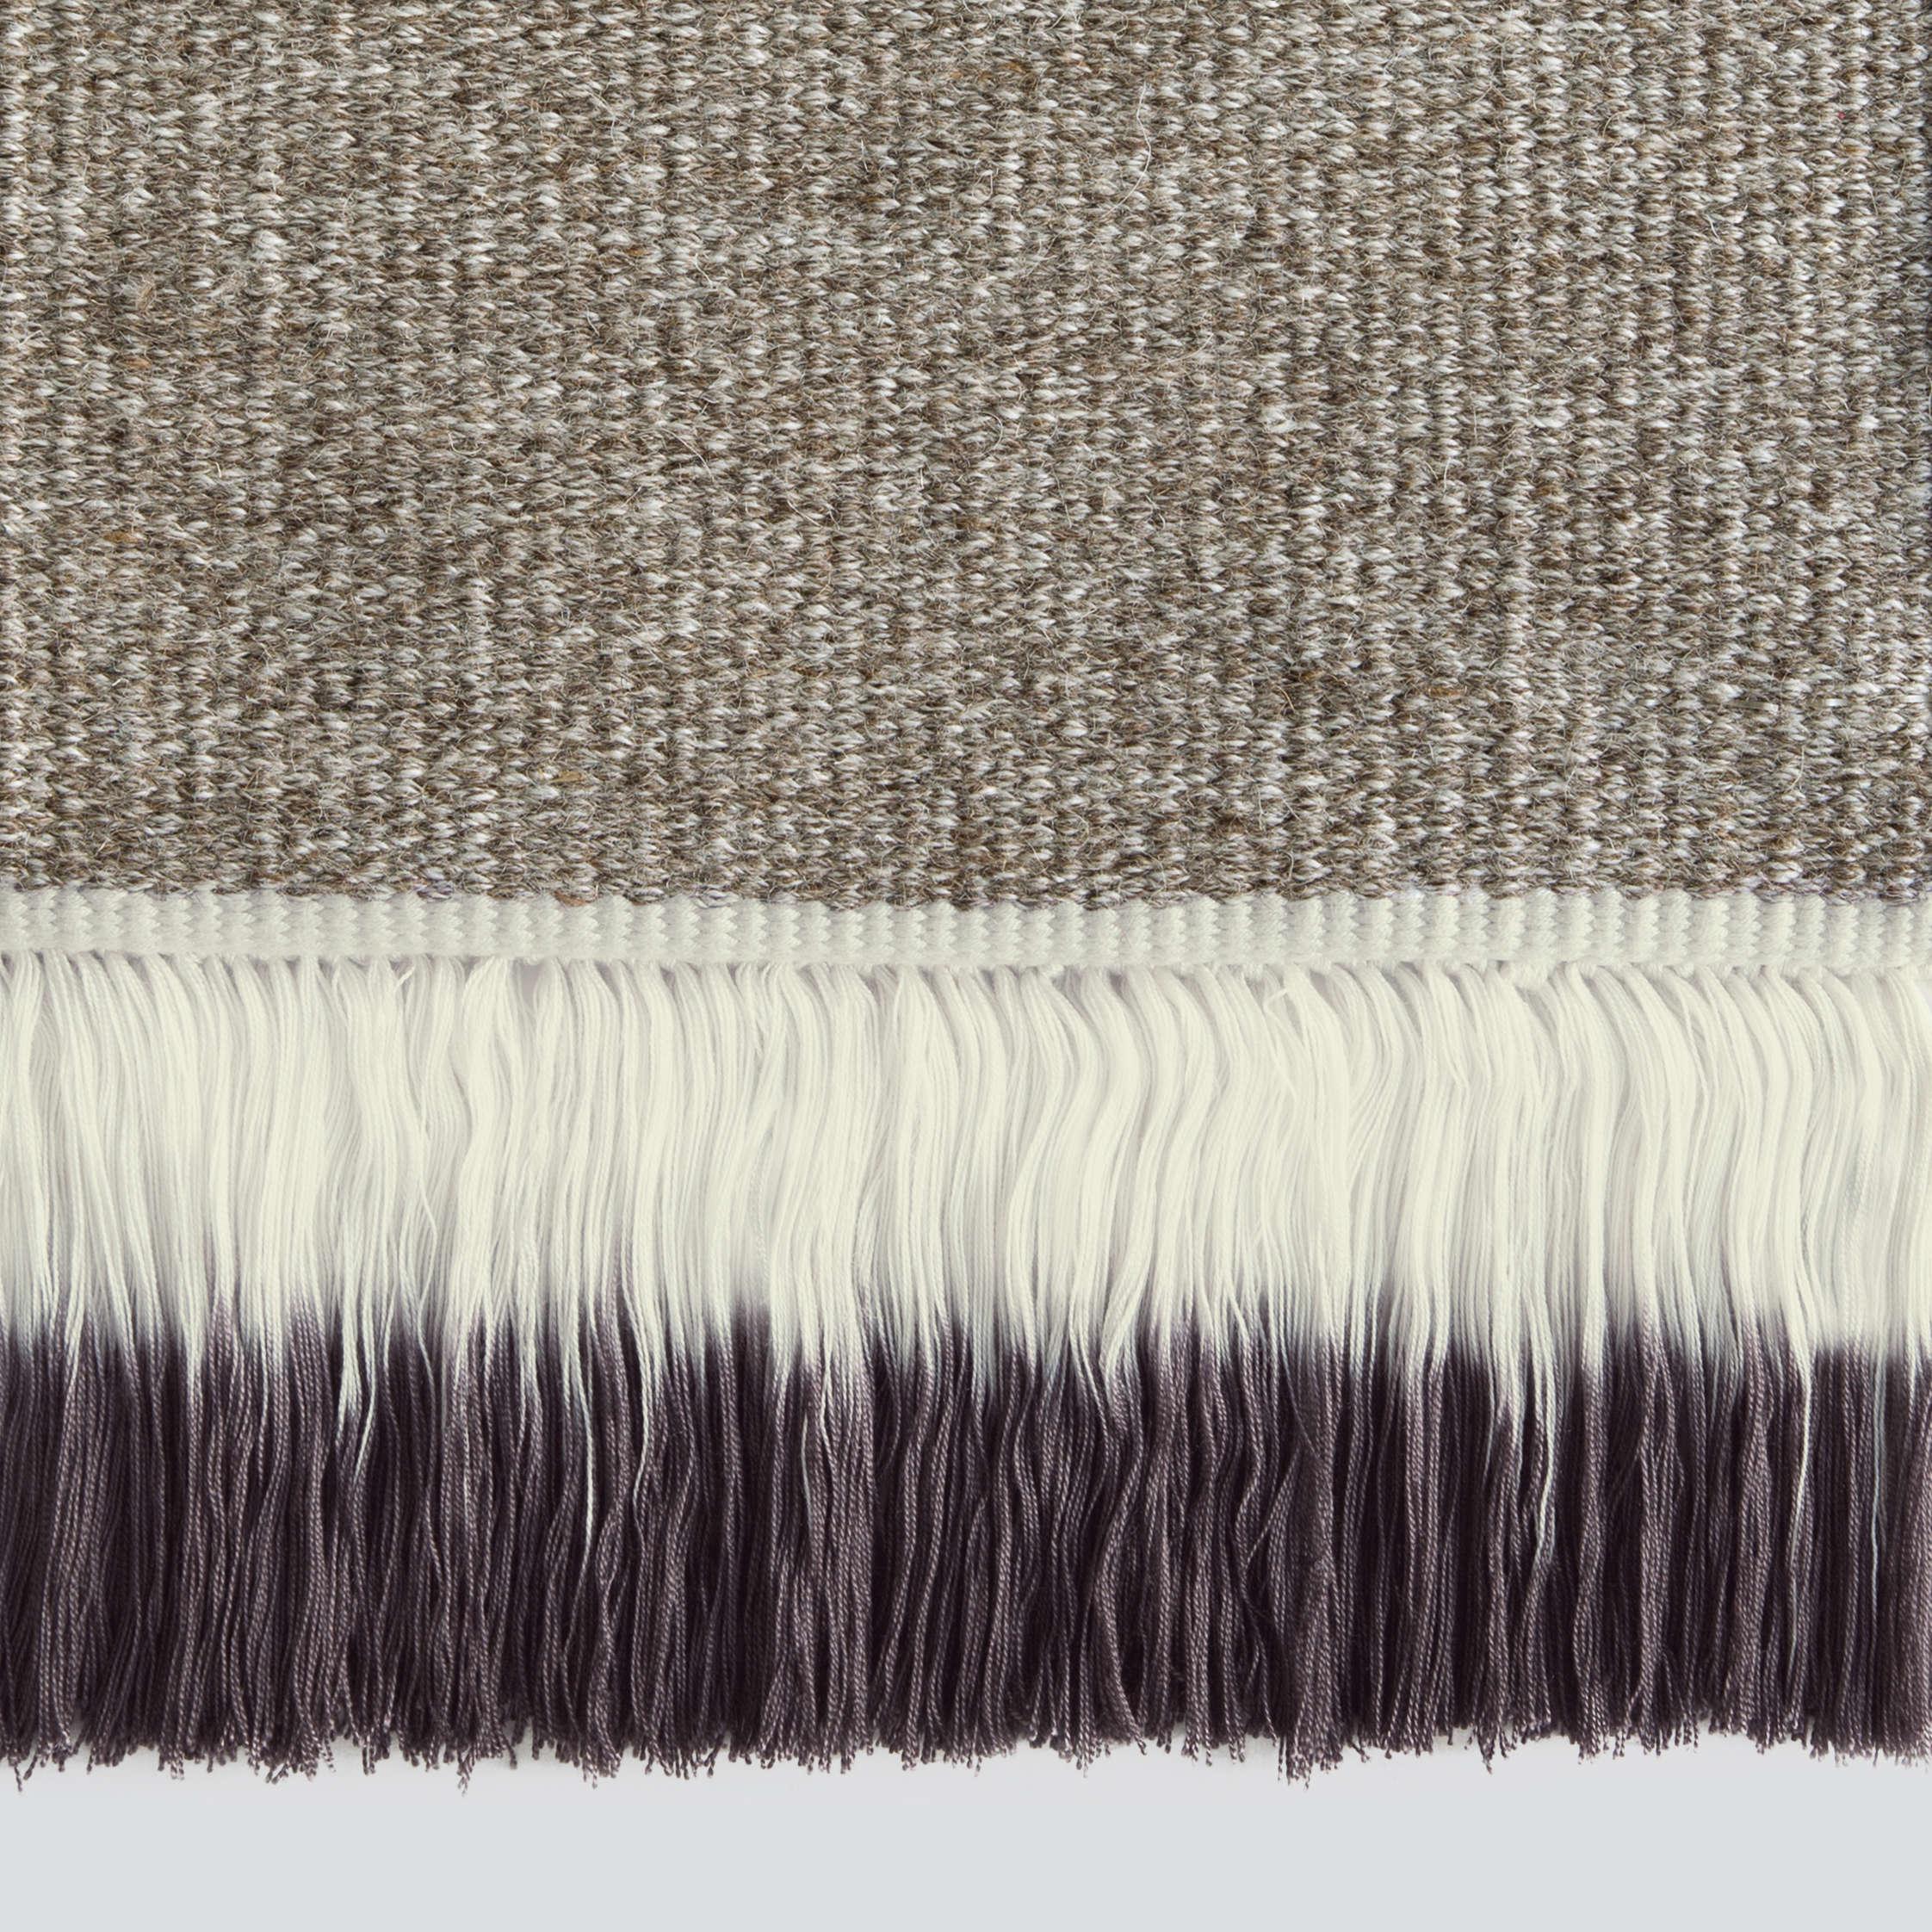 dip dyed fringe rugs from sweden remodelista. Black Bedroom Furniture Sets. Home Design Ideas